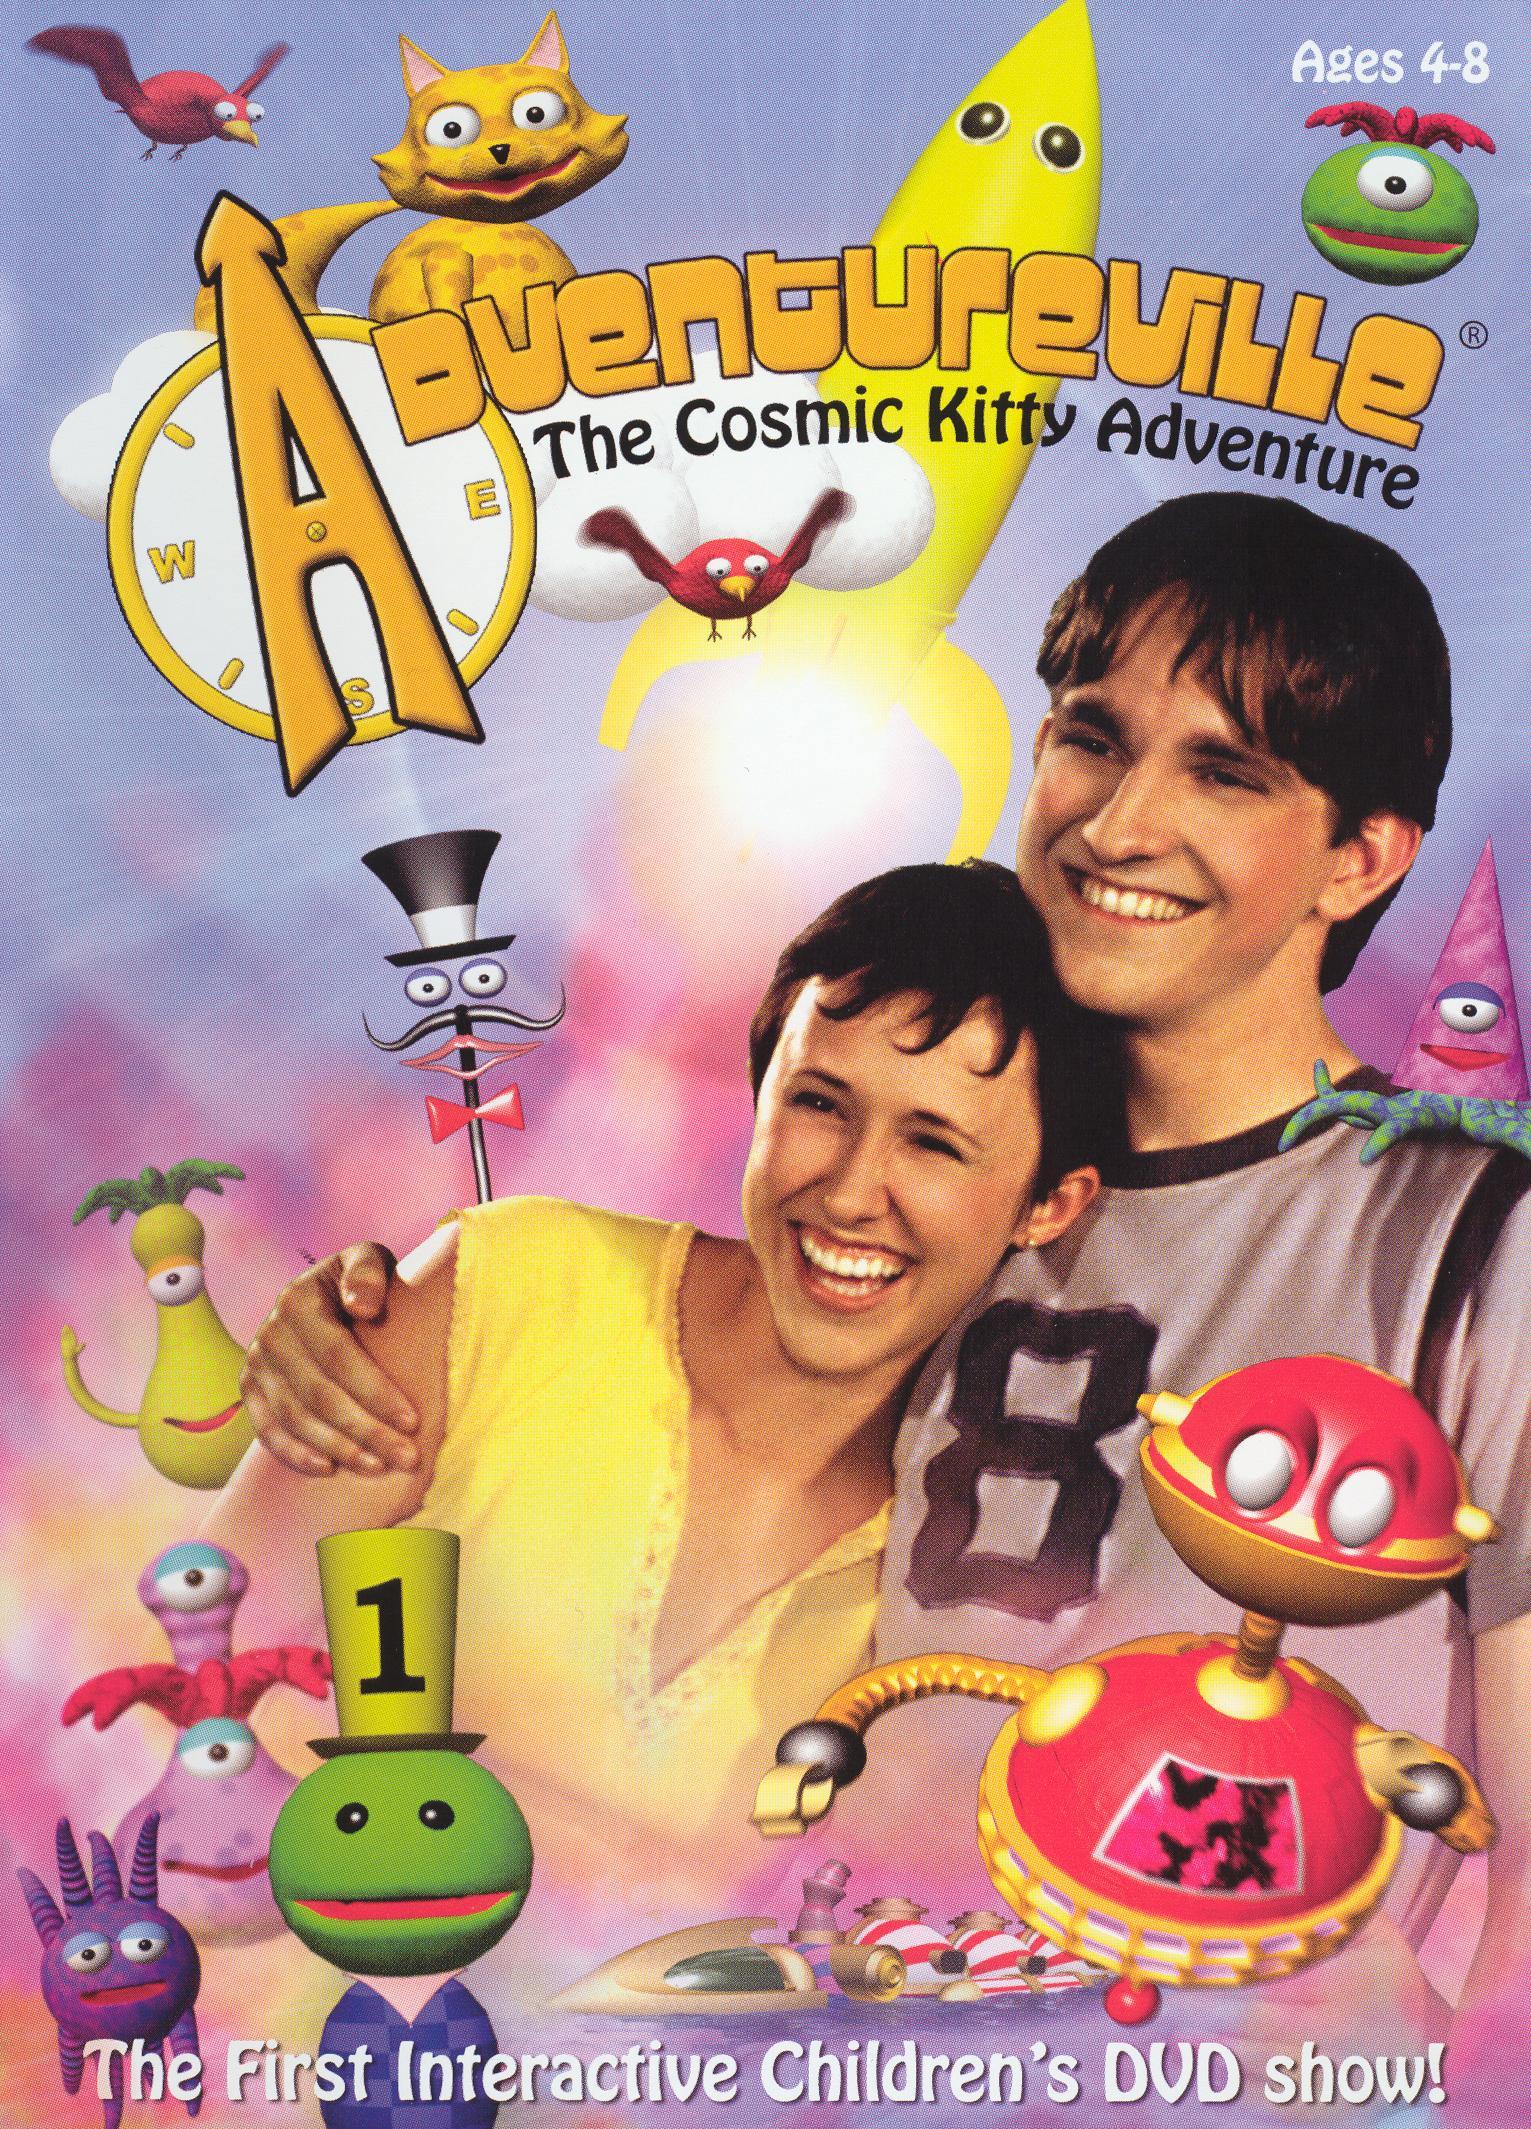 Adventureville: The Cosmic Kitty Adventure